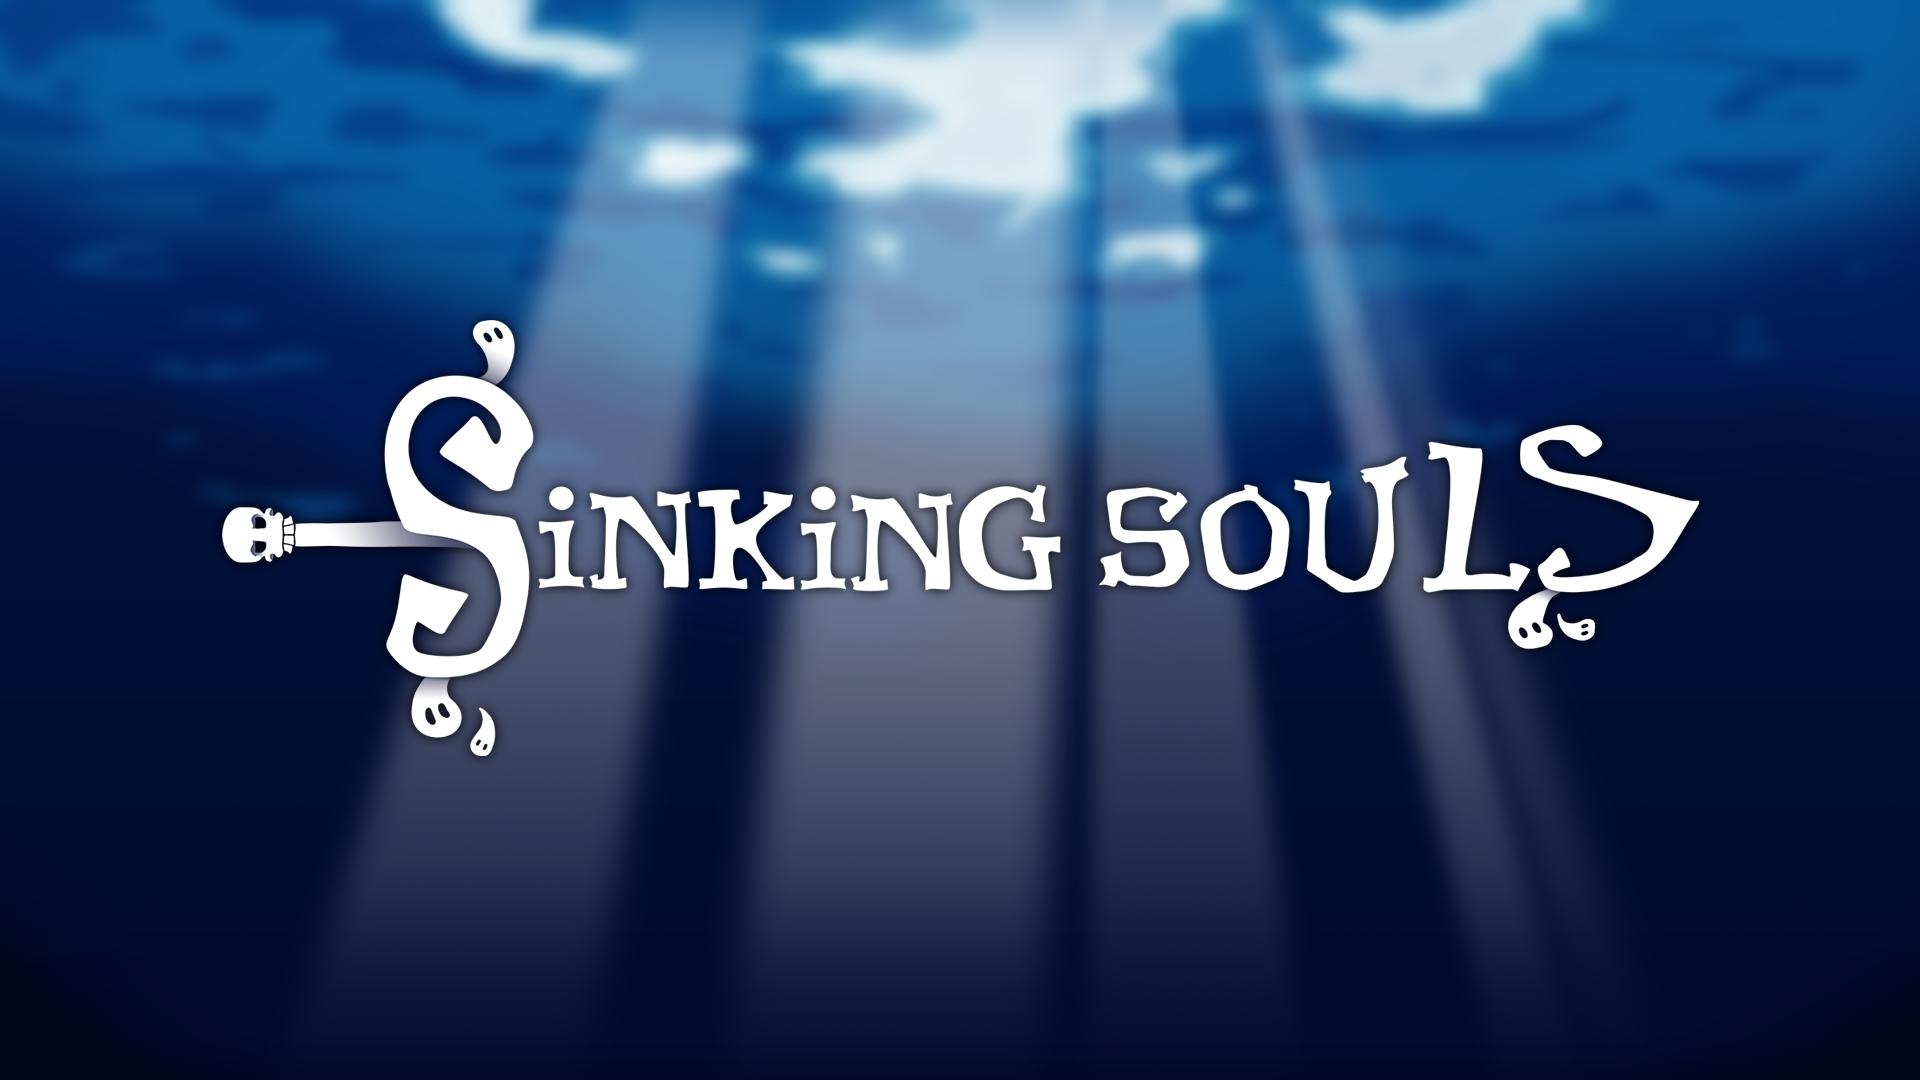 Sinking Souls